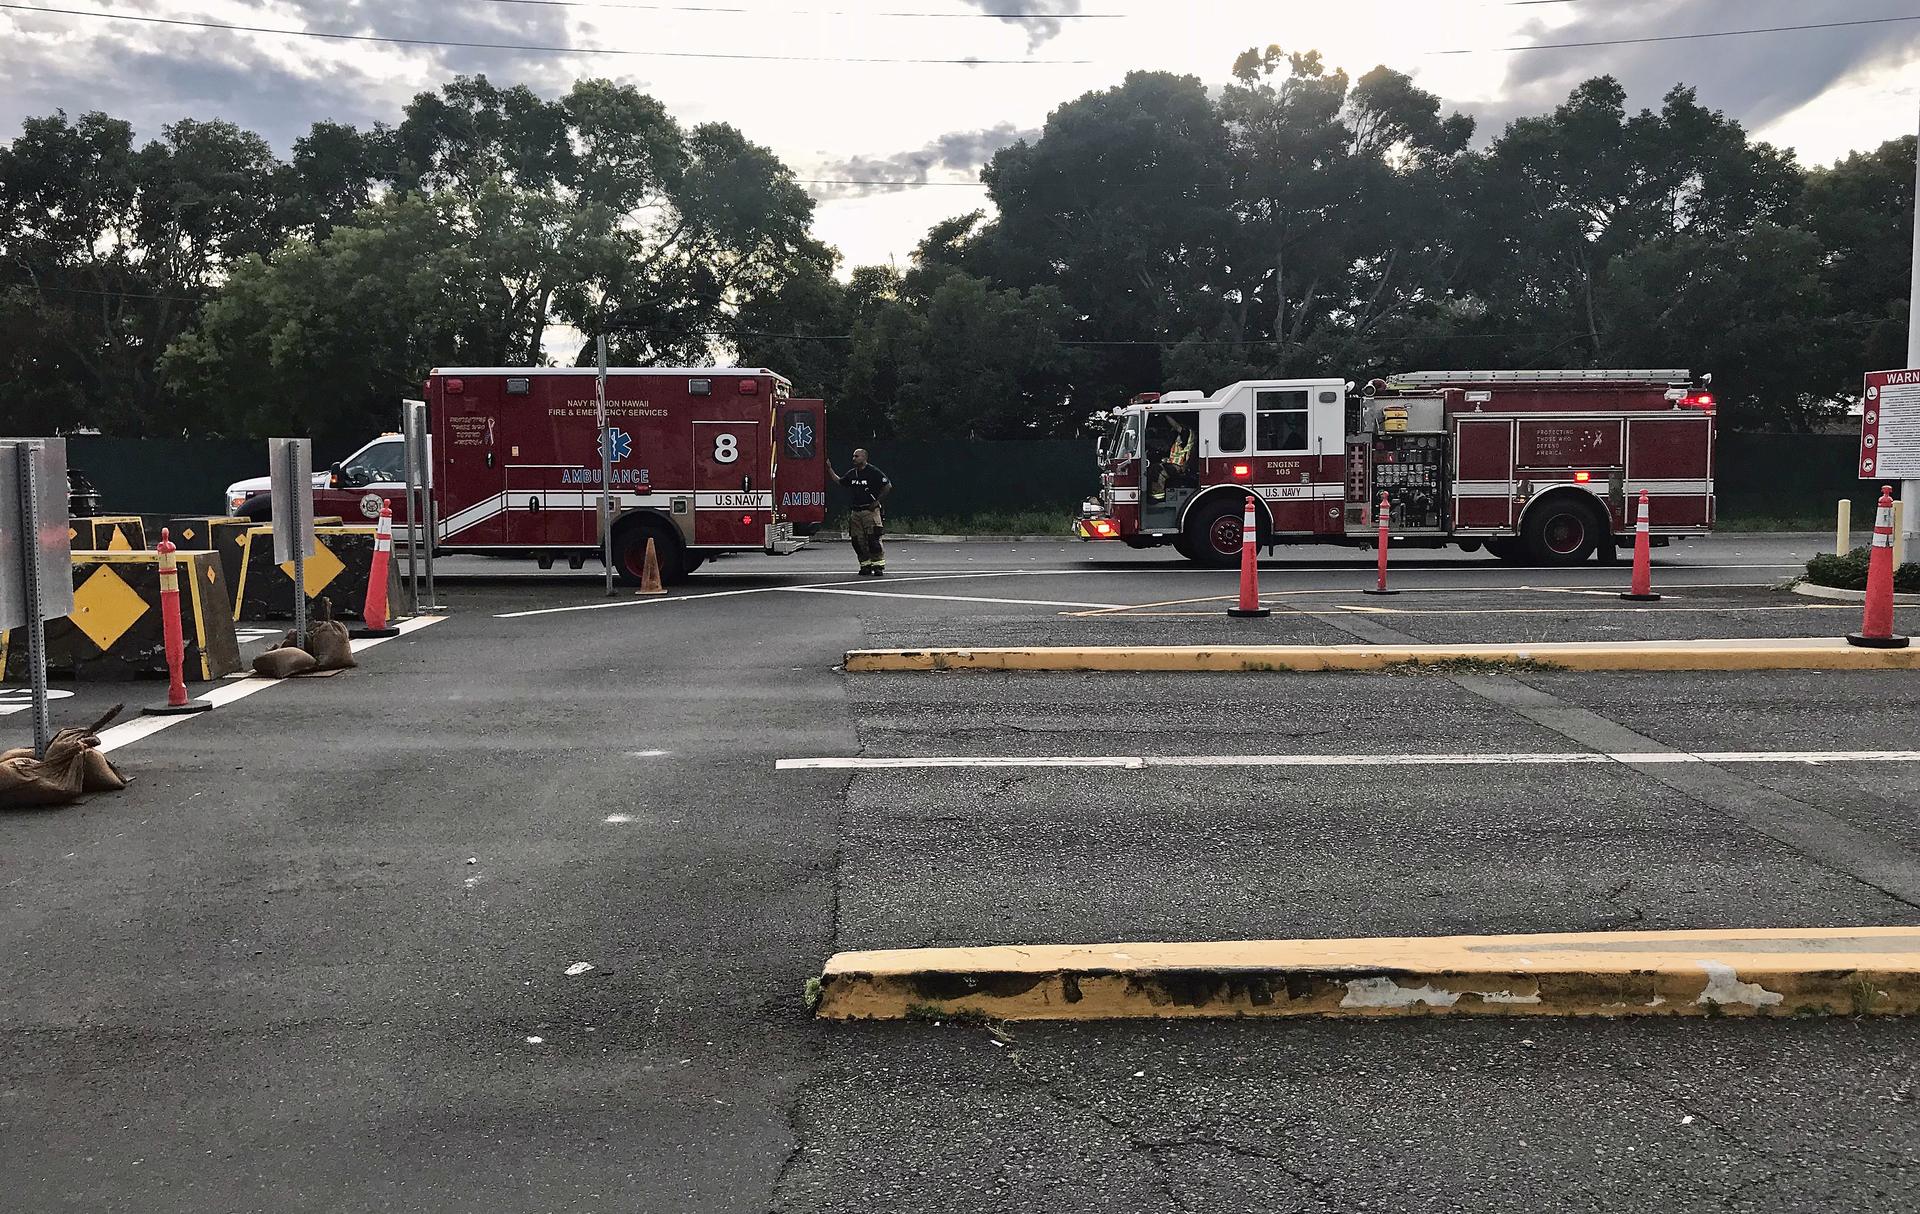 Четверо погибших, включая нападавшего: что известно о стрельбе на авиационной базе ВМС США во Флориде